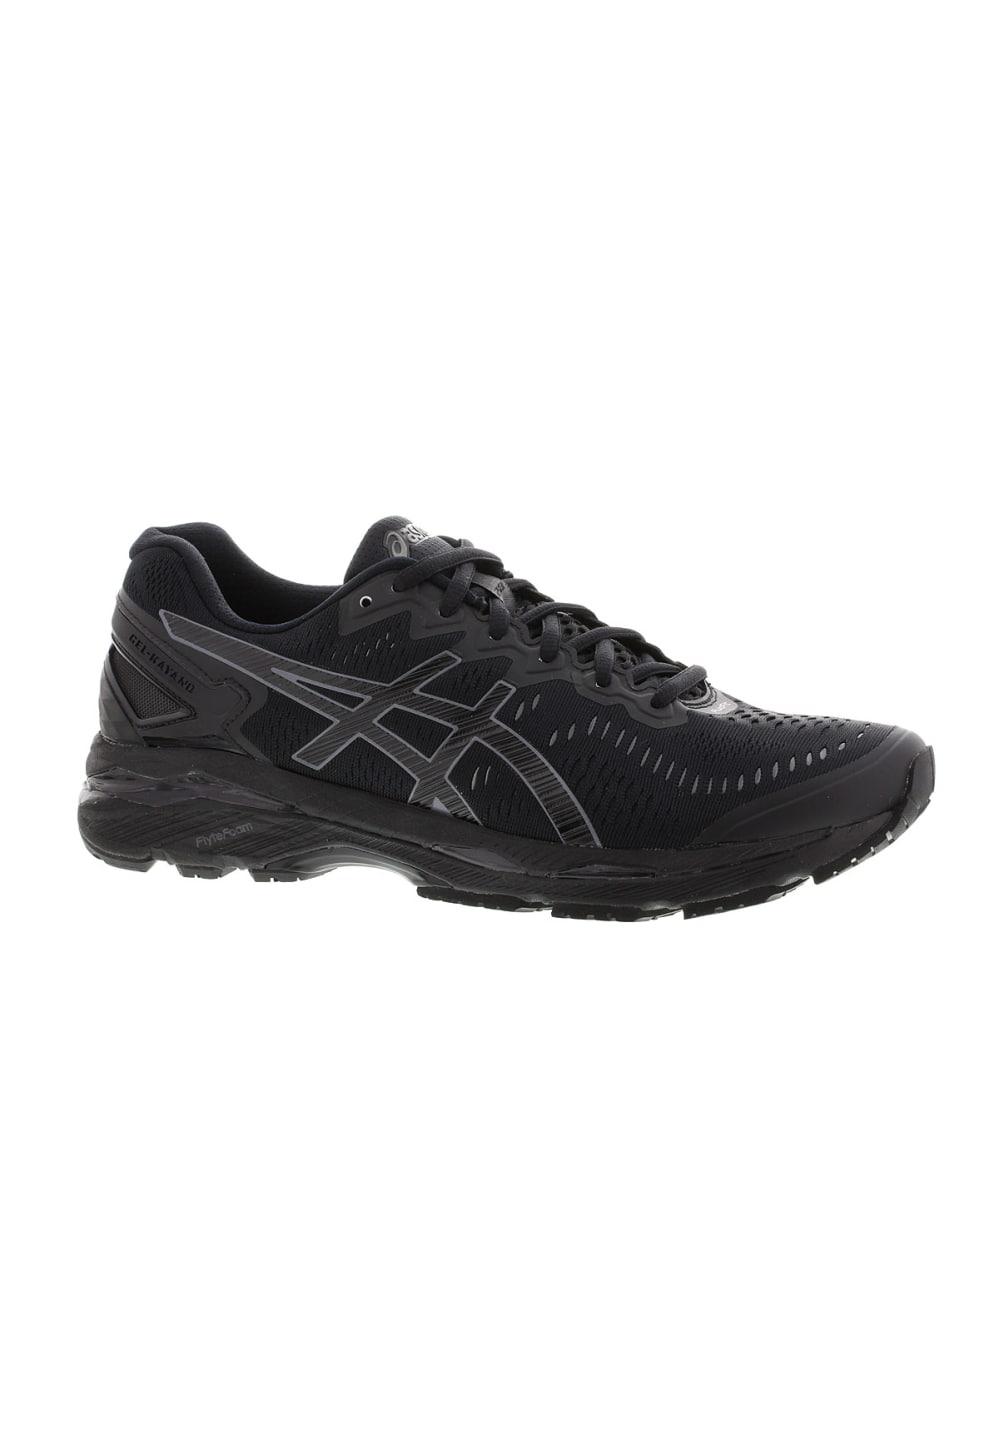 nouvelle arrivee 6cb10 32465 ASICS GEL-Kayano 23 - Running shoes for Men - Black